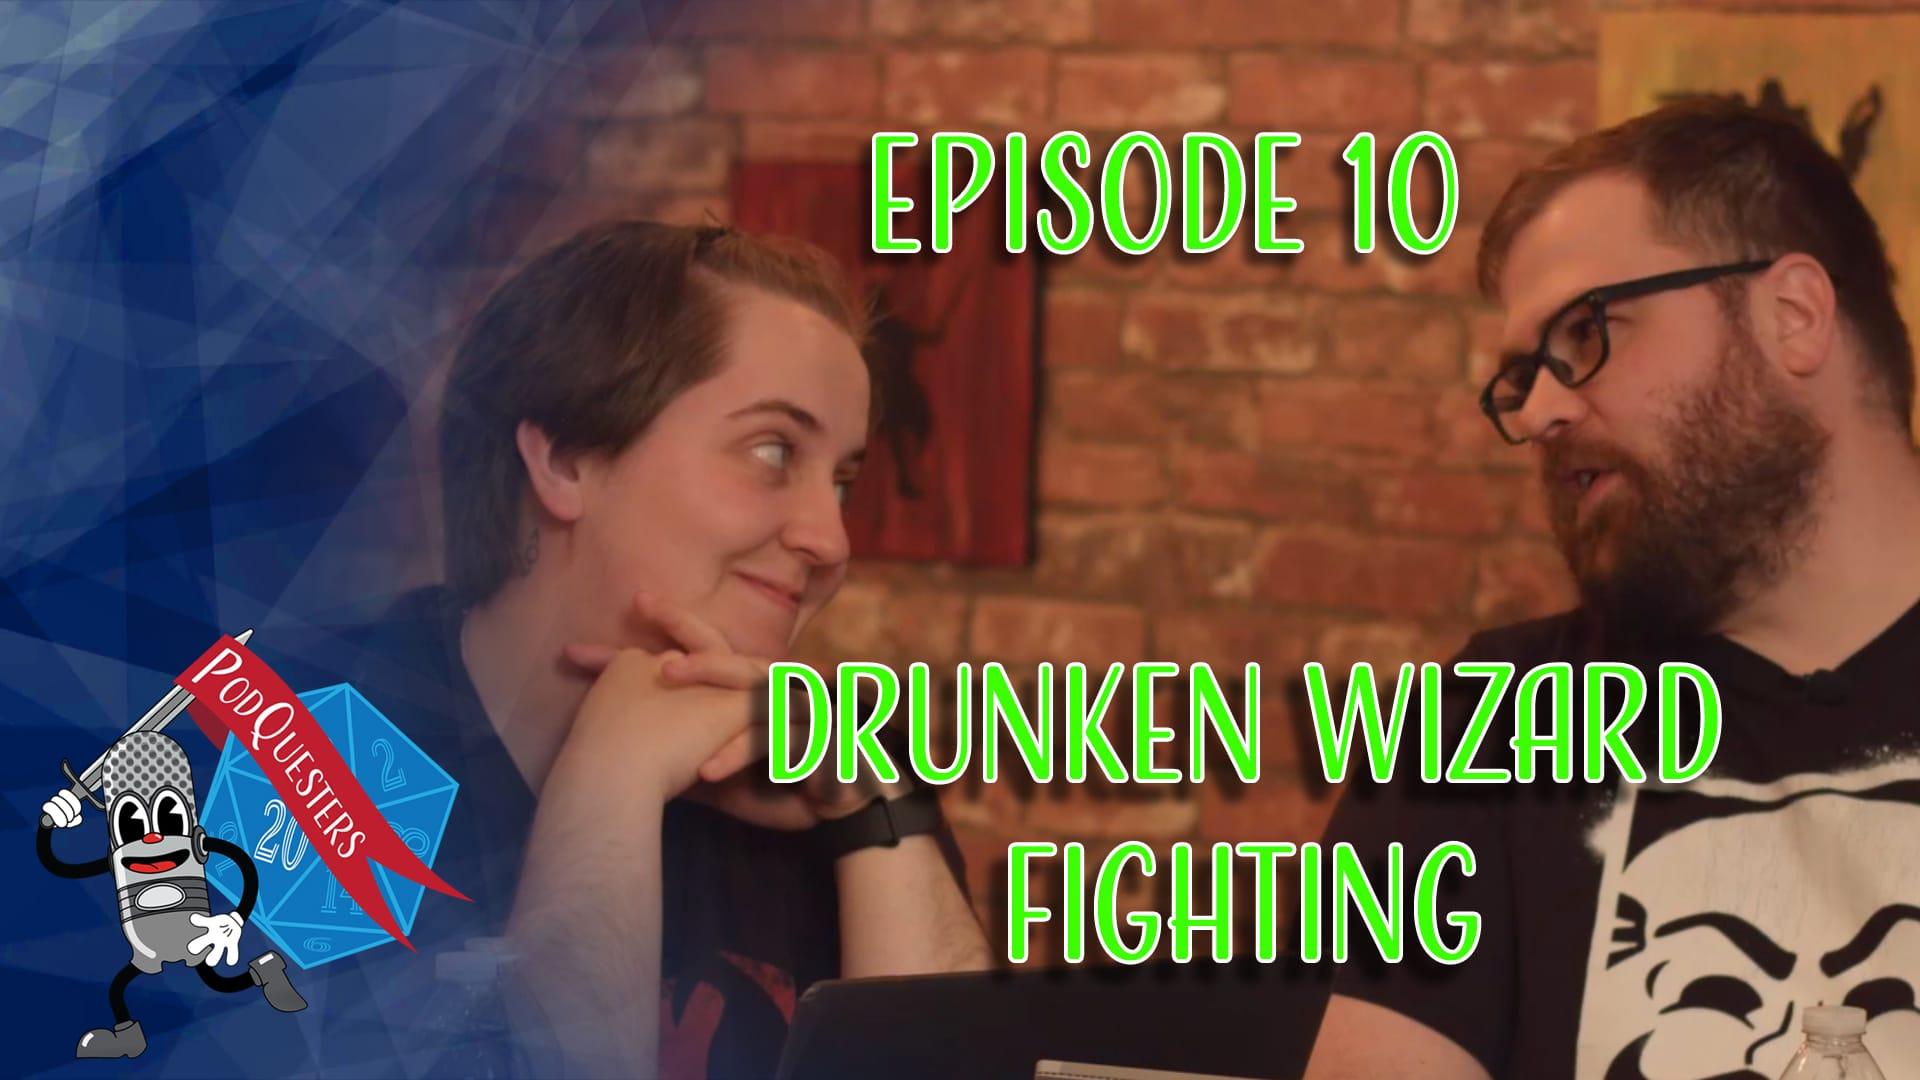 Podquesters - Episode 10: Drunken Wizard Fighting